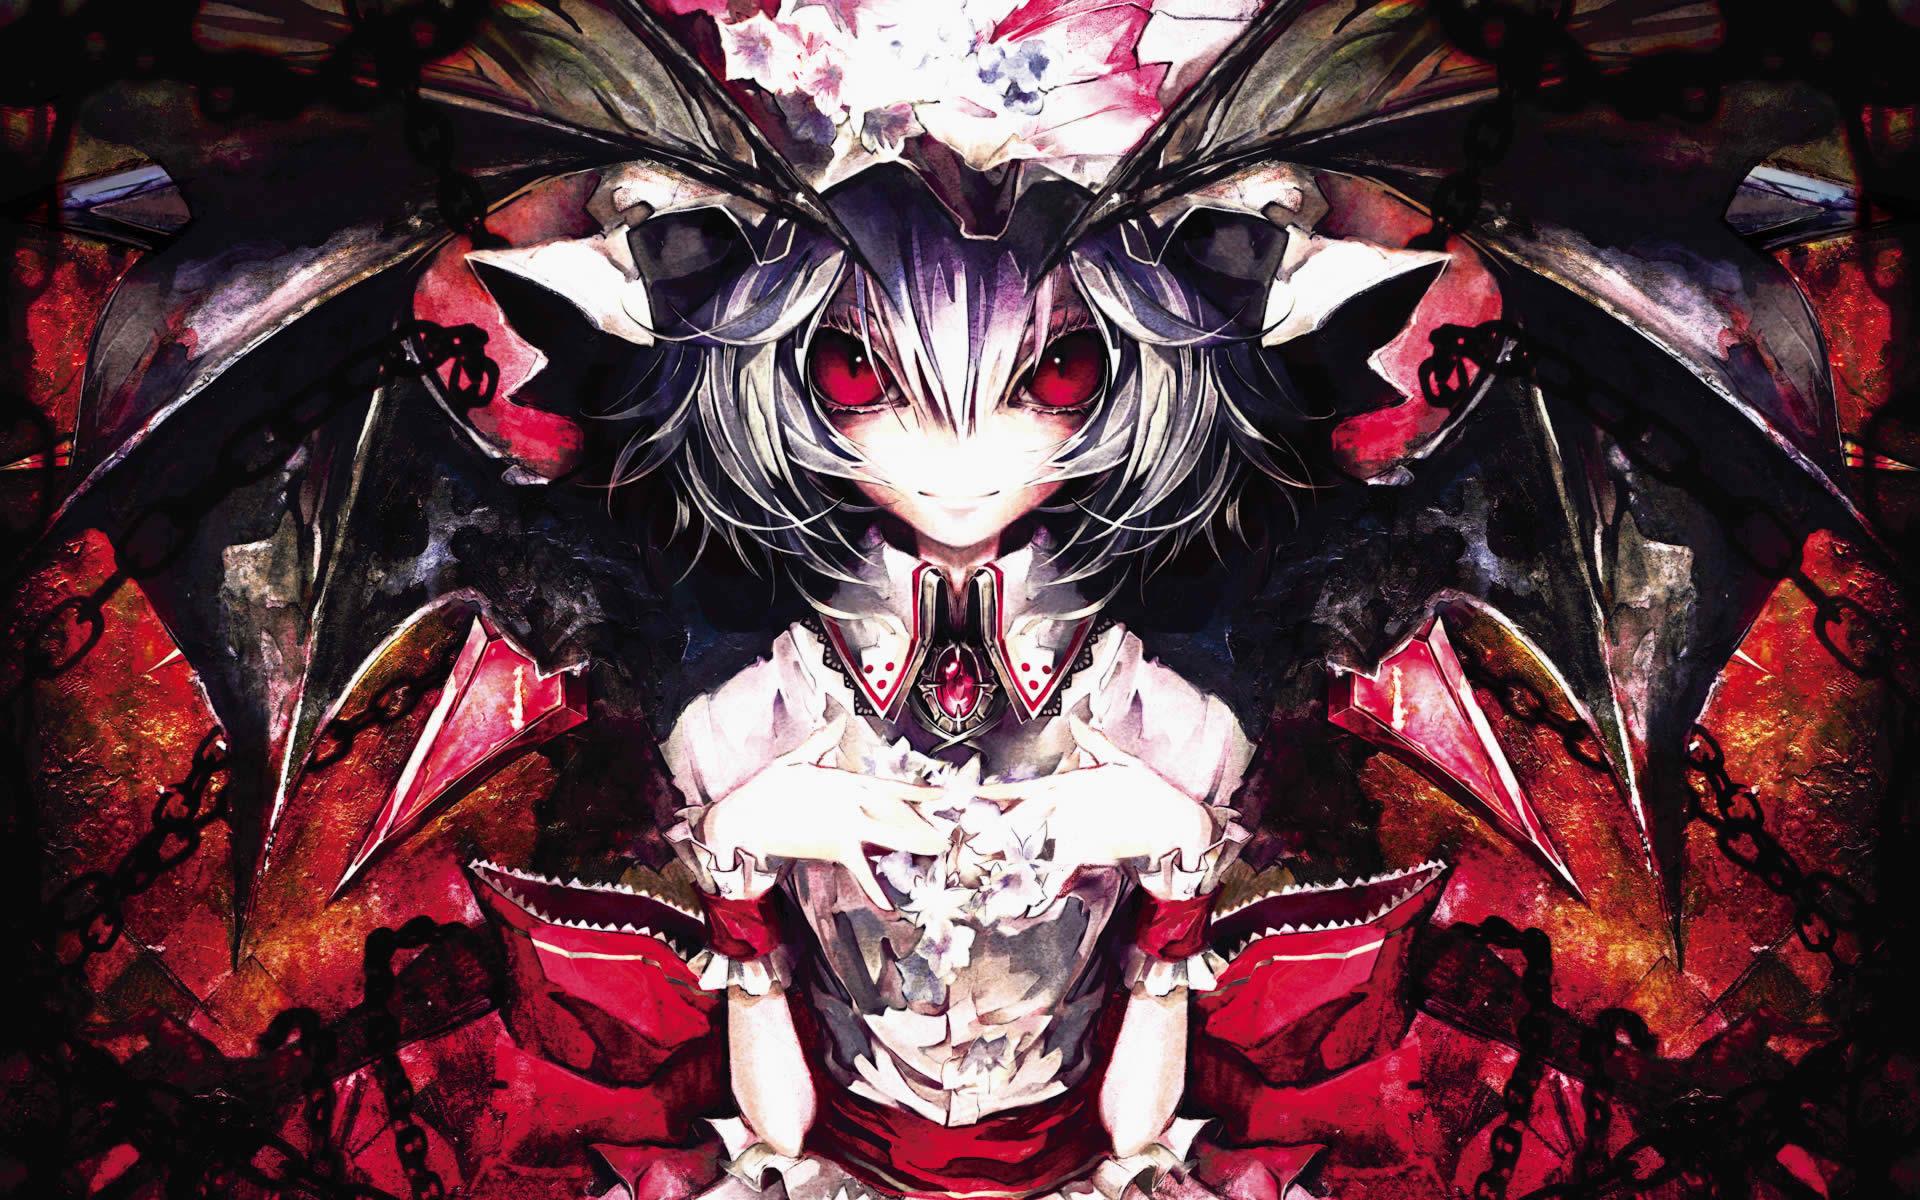 Cool Anime HD Wallpapers | PixelsTalk Net